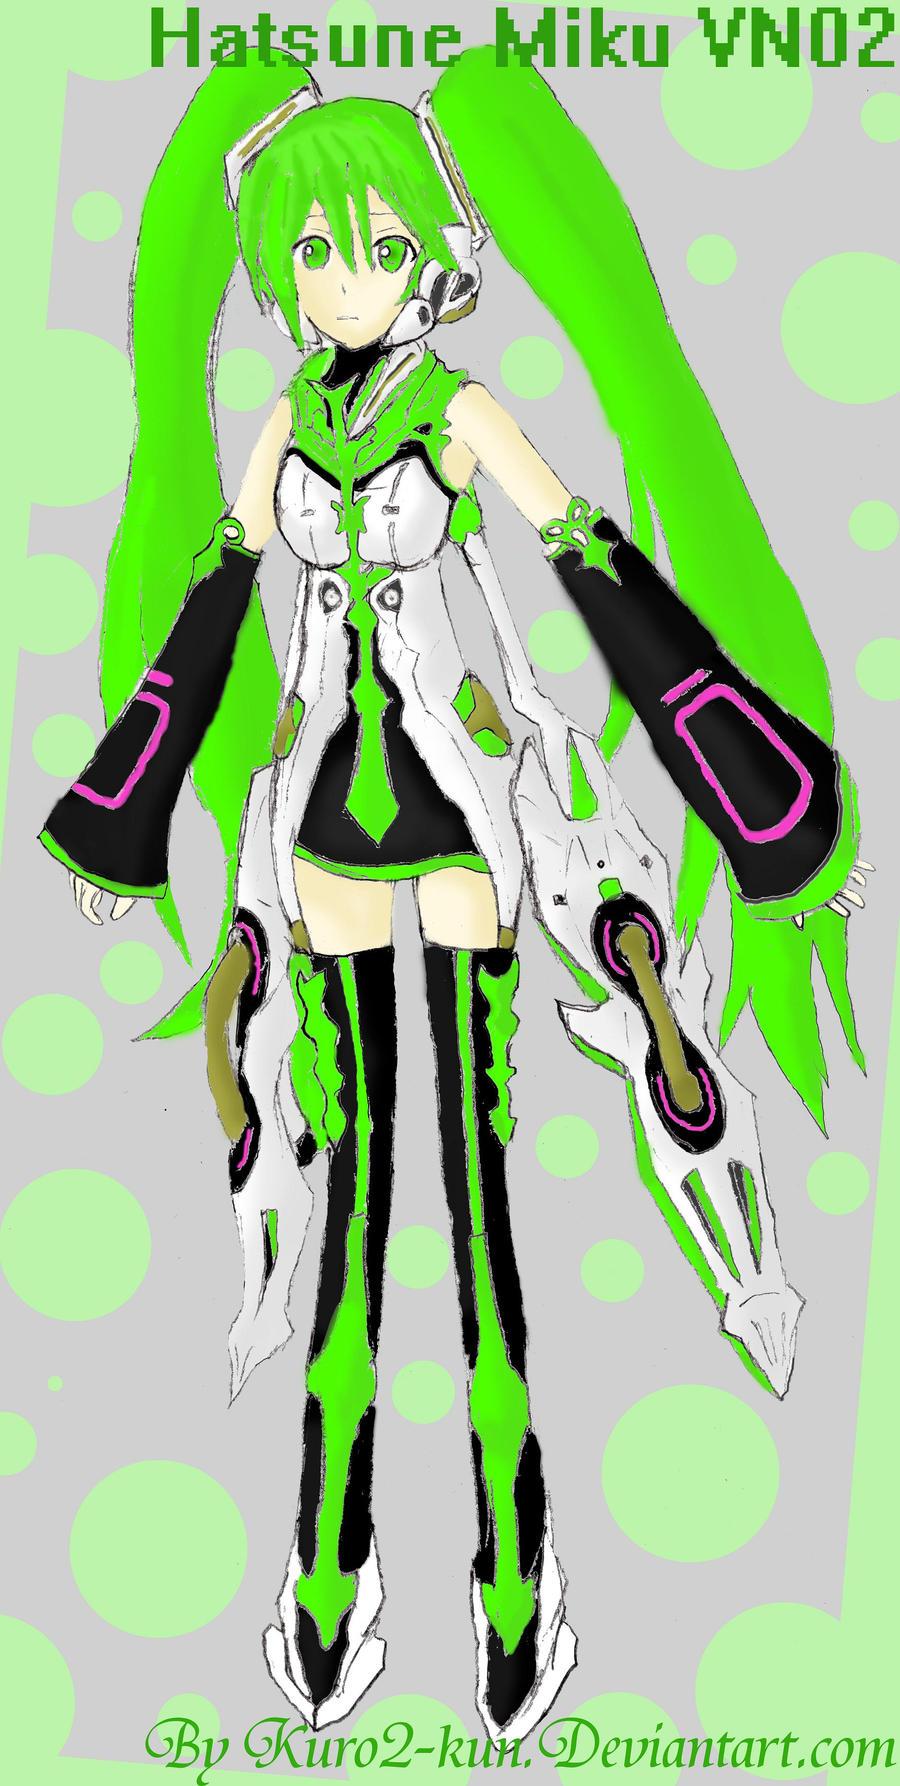 Miku Hatsune  RedTubecom